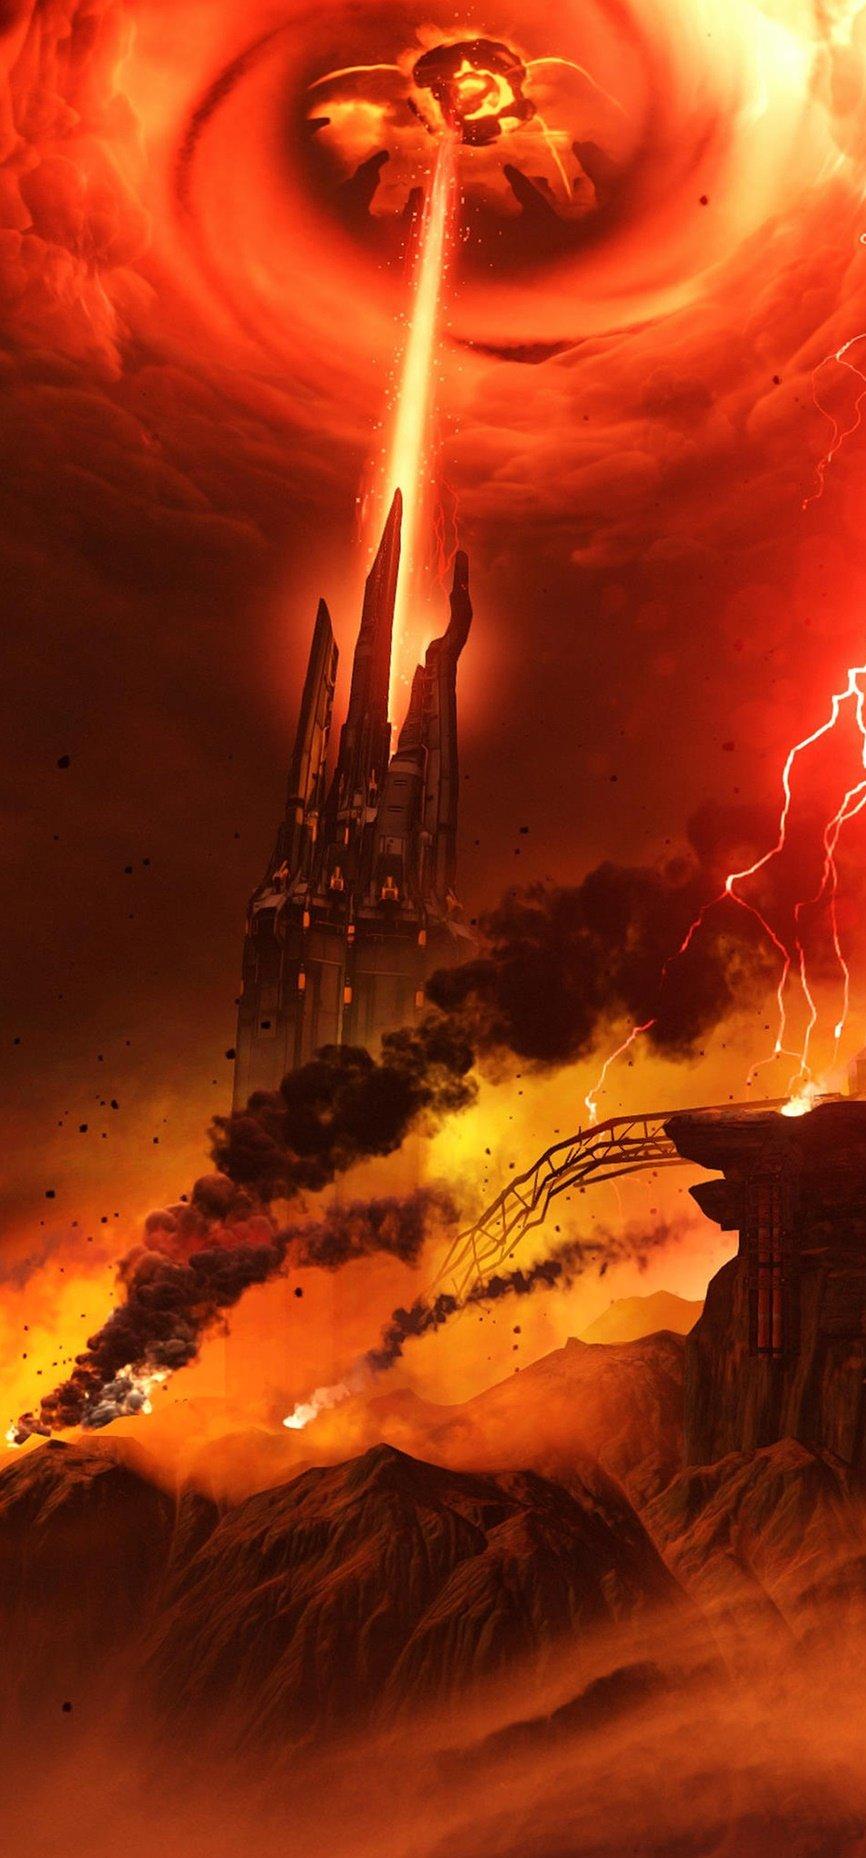 Рецензия на Doom (2016). Обзор игры - Изображение 4